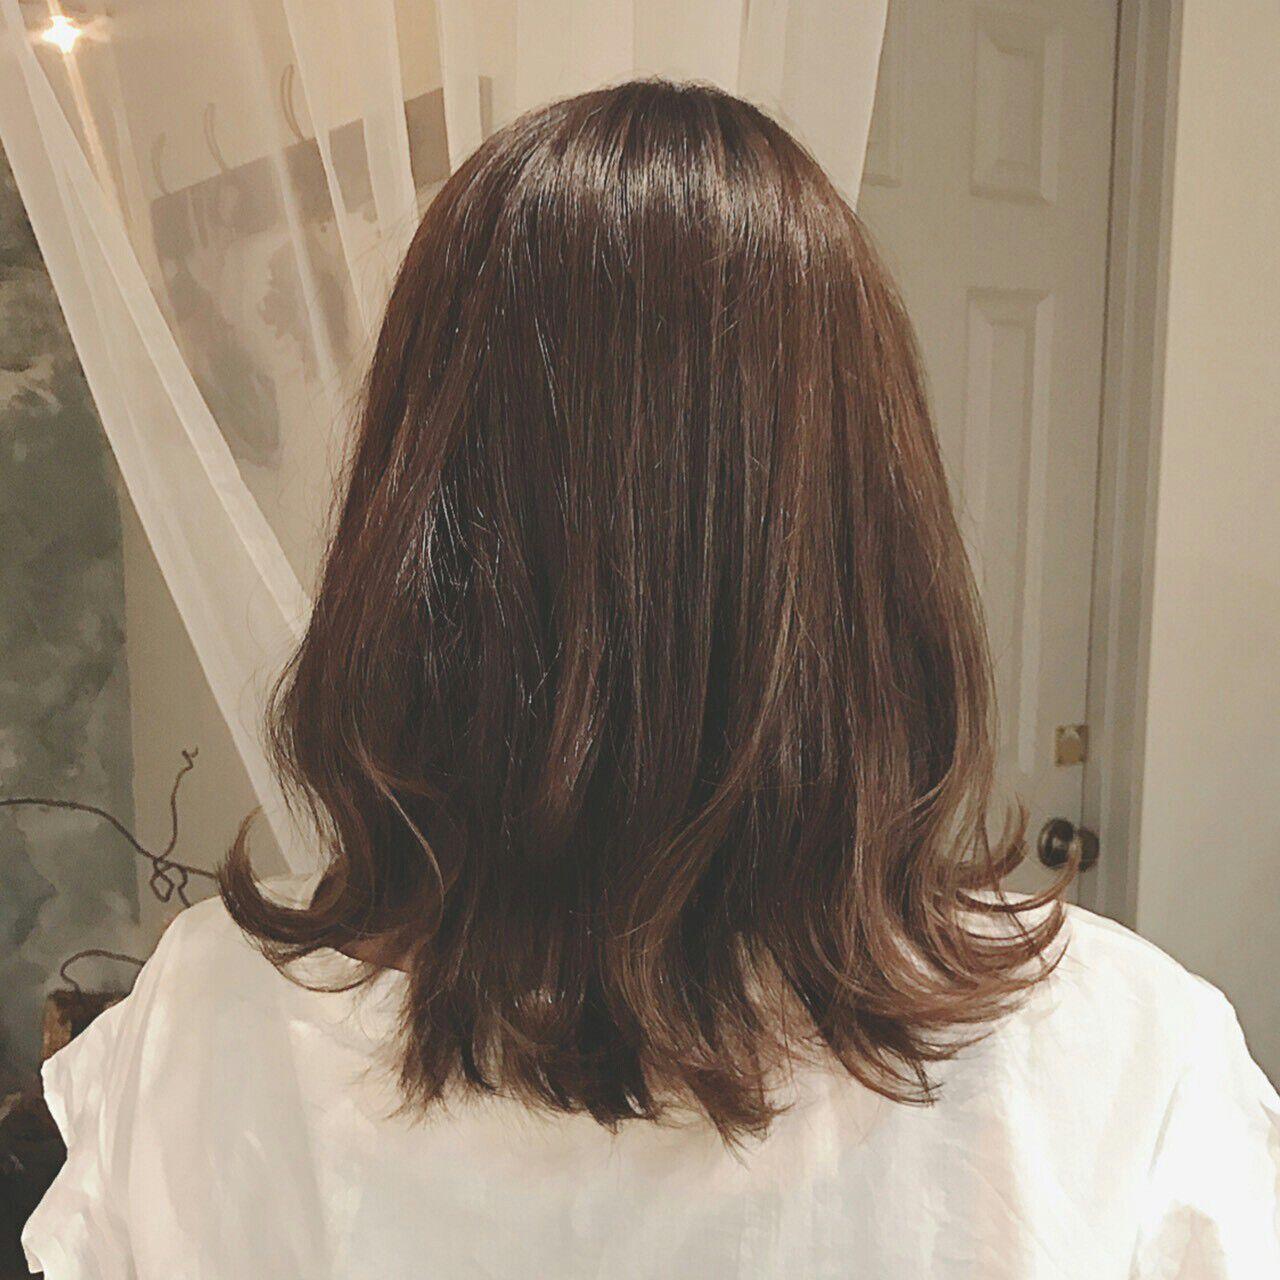 エレガント ボブ 透明感 インナーカラーヘアスタイルや髪型の写真・画像